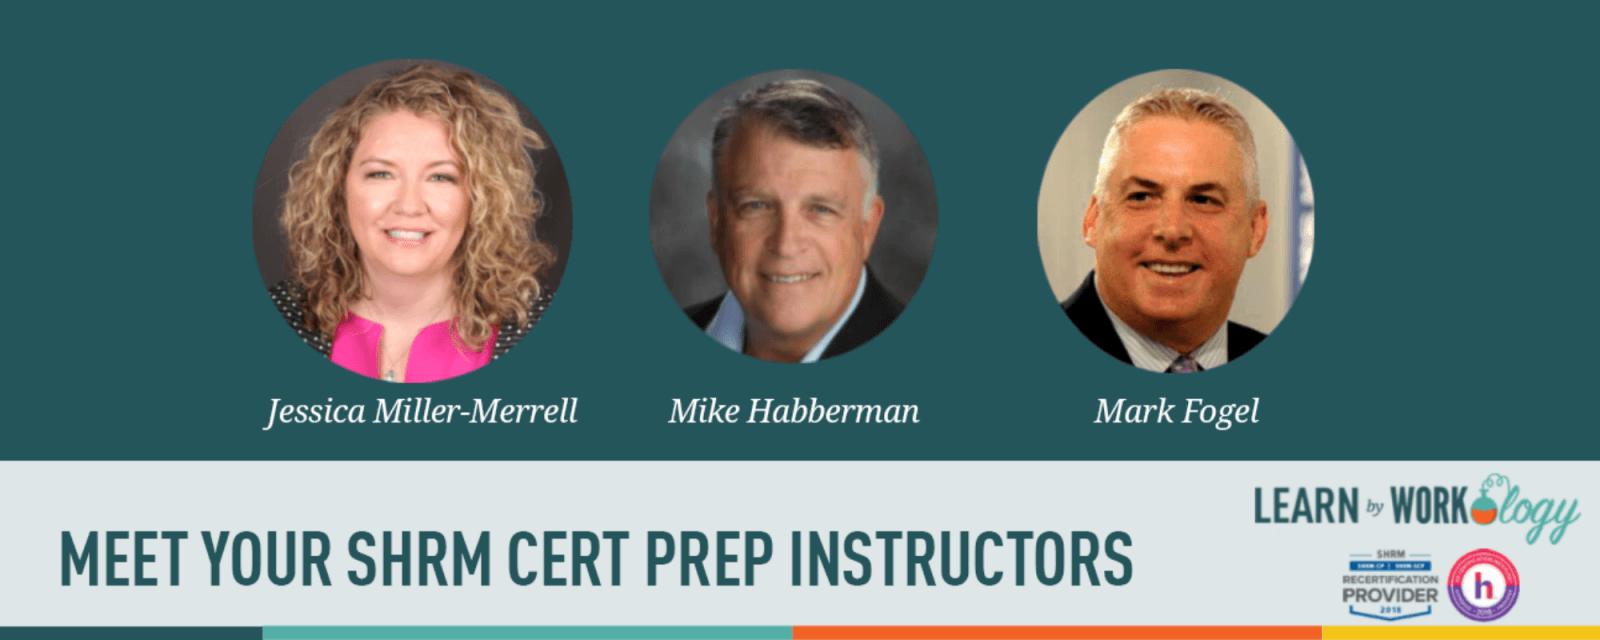 SHRM Cert Instructors